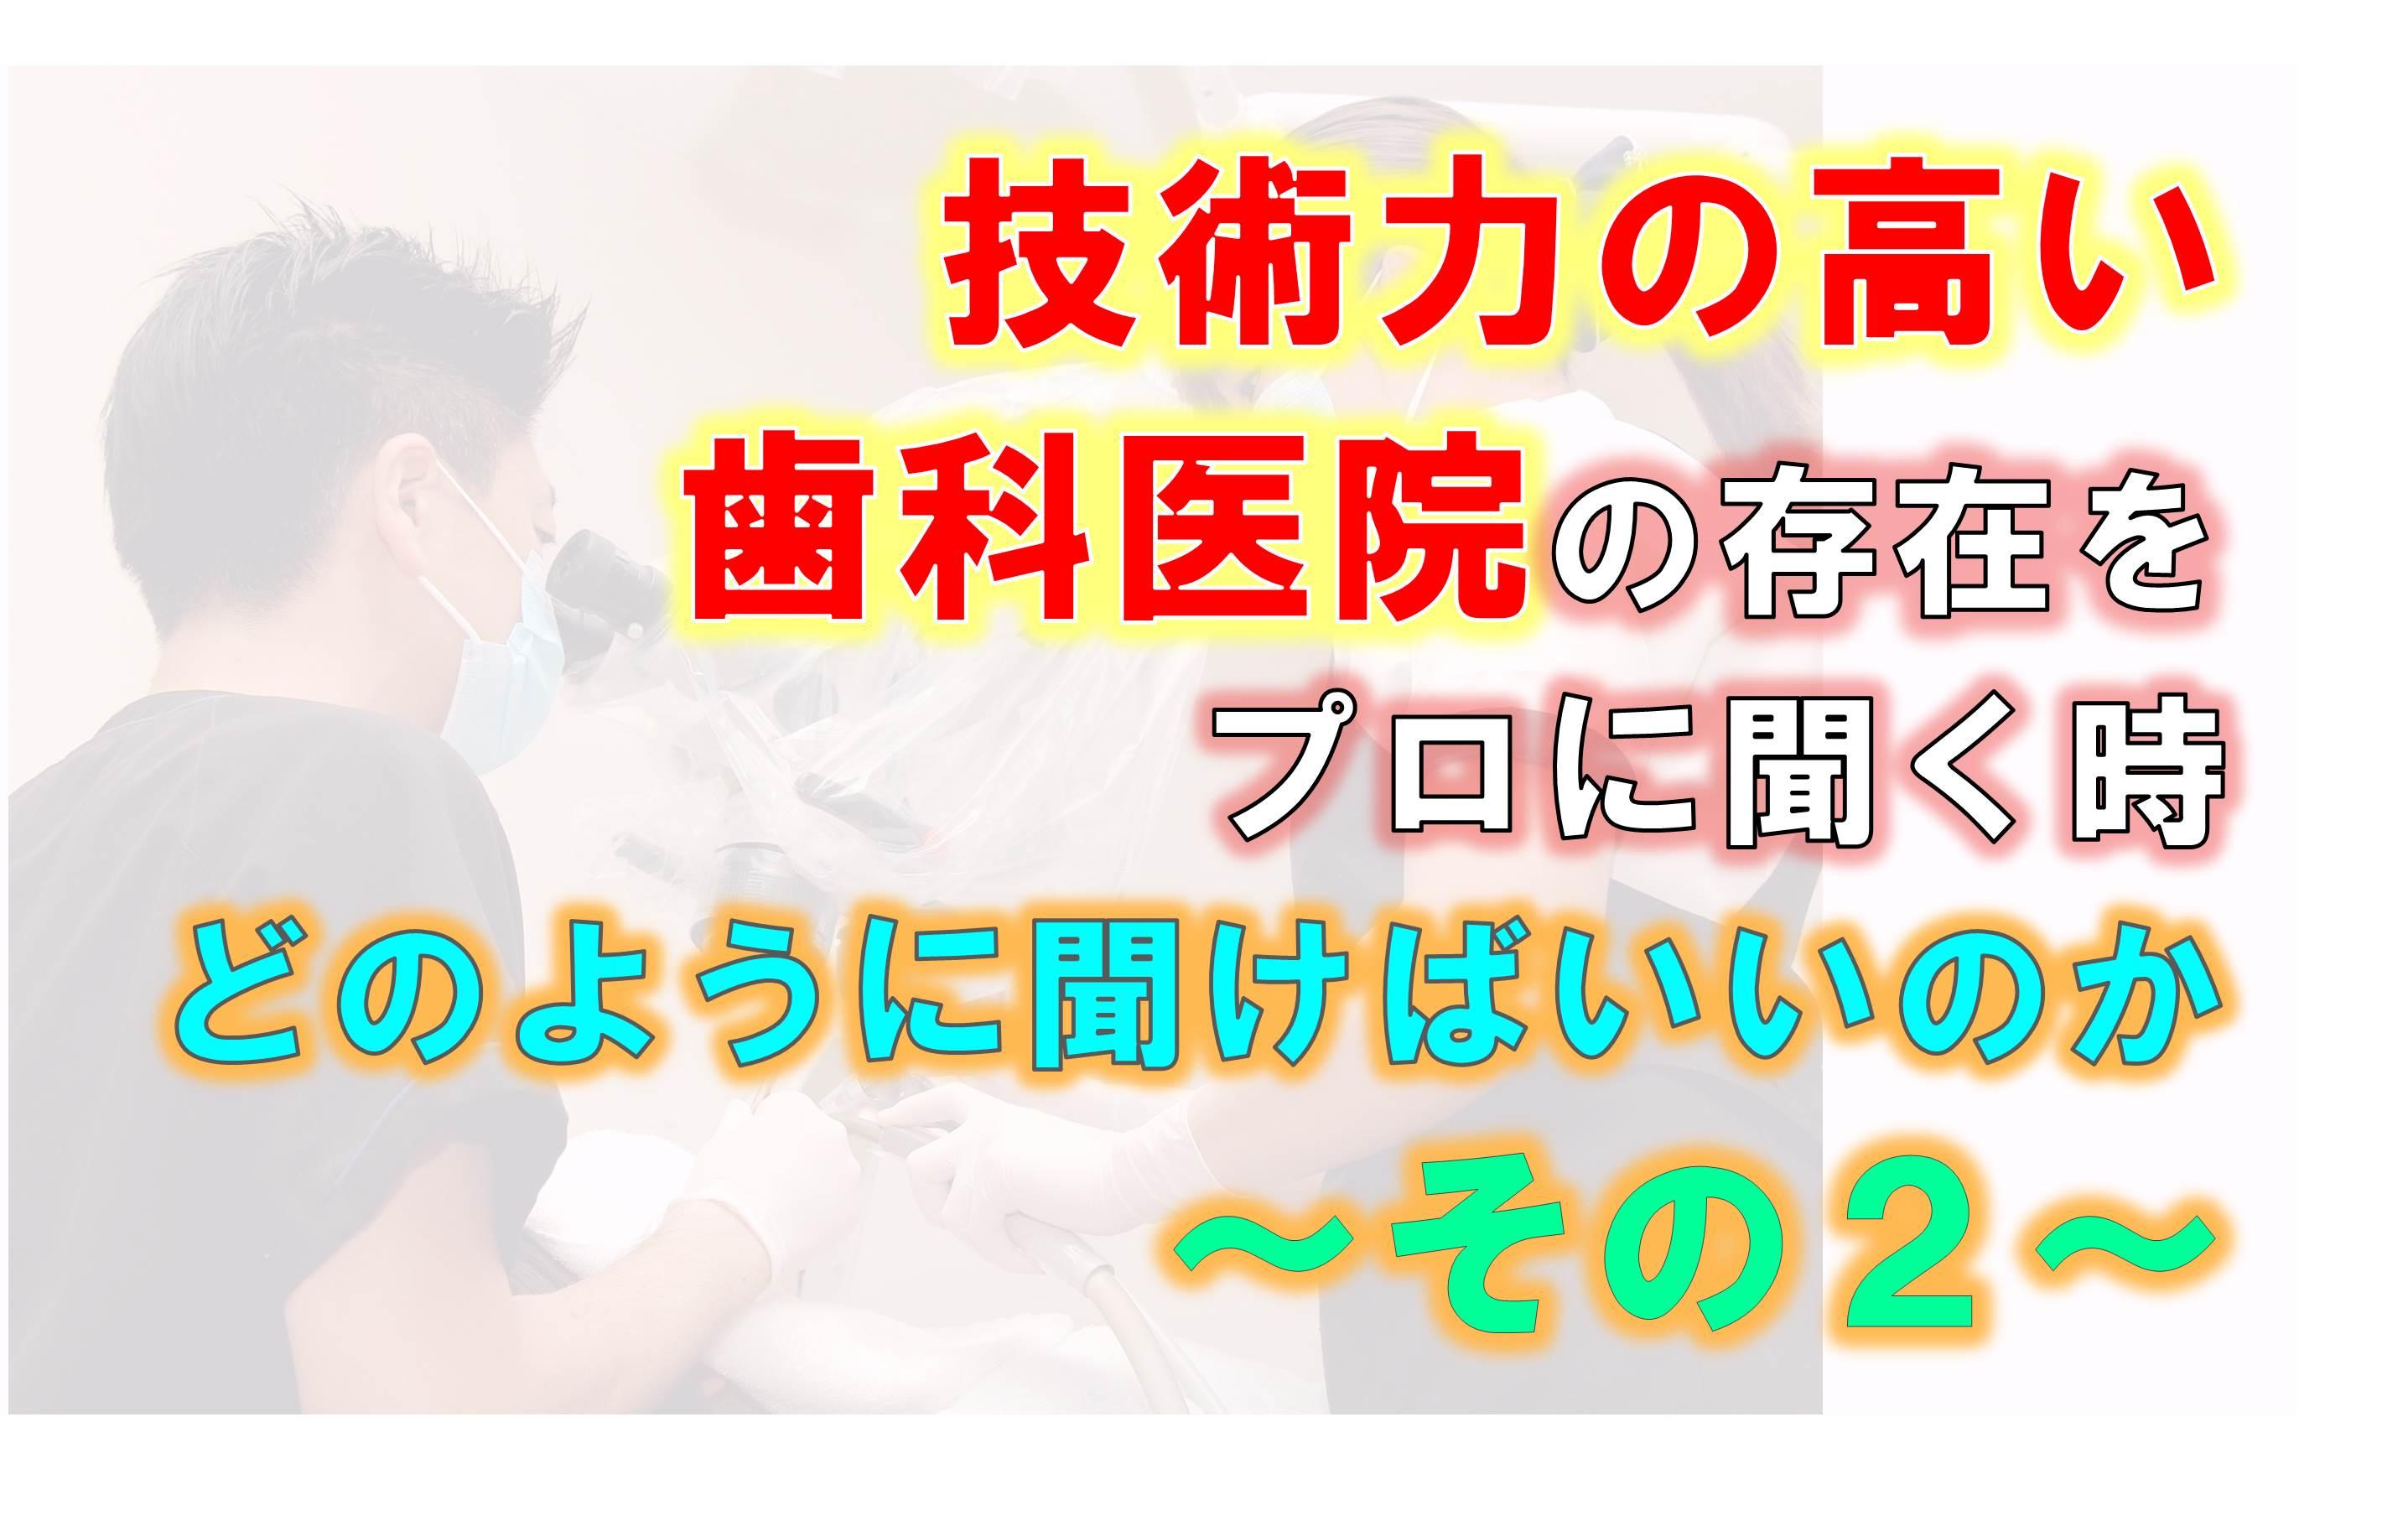 歯科 群馬 前橋 高崎 伊勢崎 桐生 太田 歯科技工士 歯科衛生士 良い歯科医院